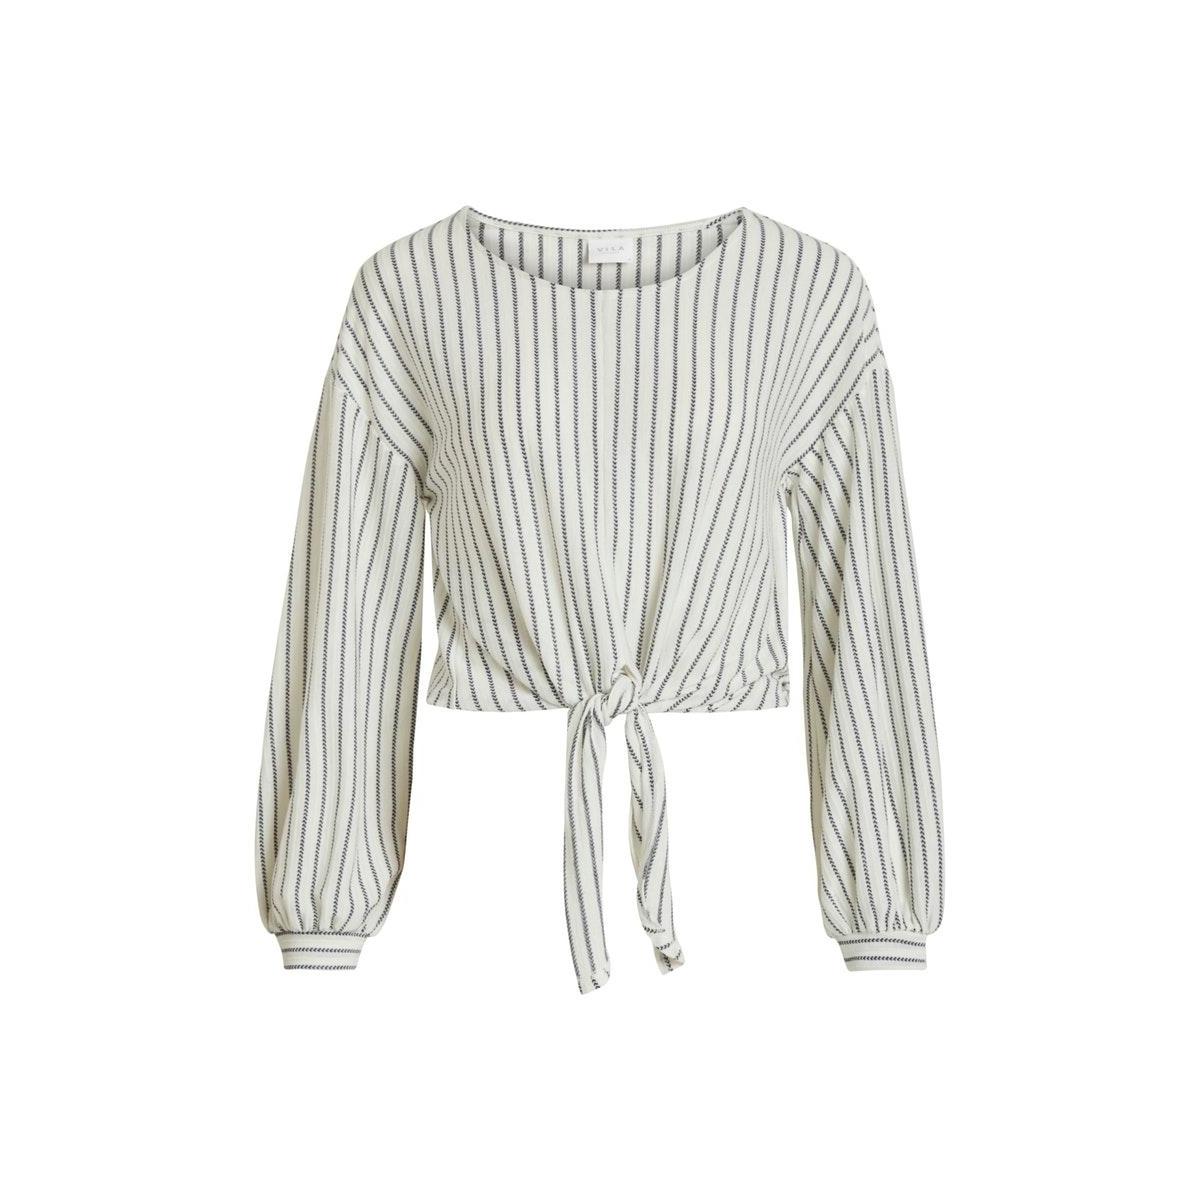 vibuba l/s top/su 14057263 vila t-shirt cloud dancer/navy blazer